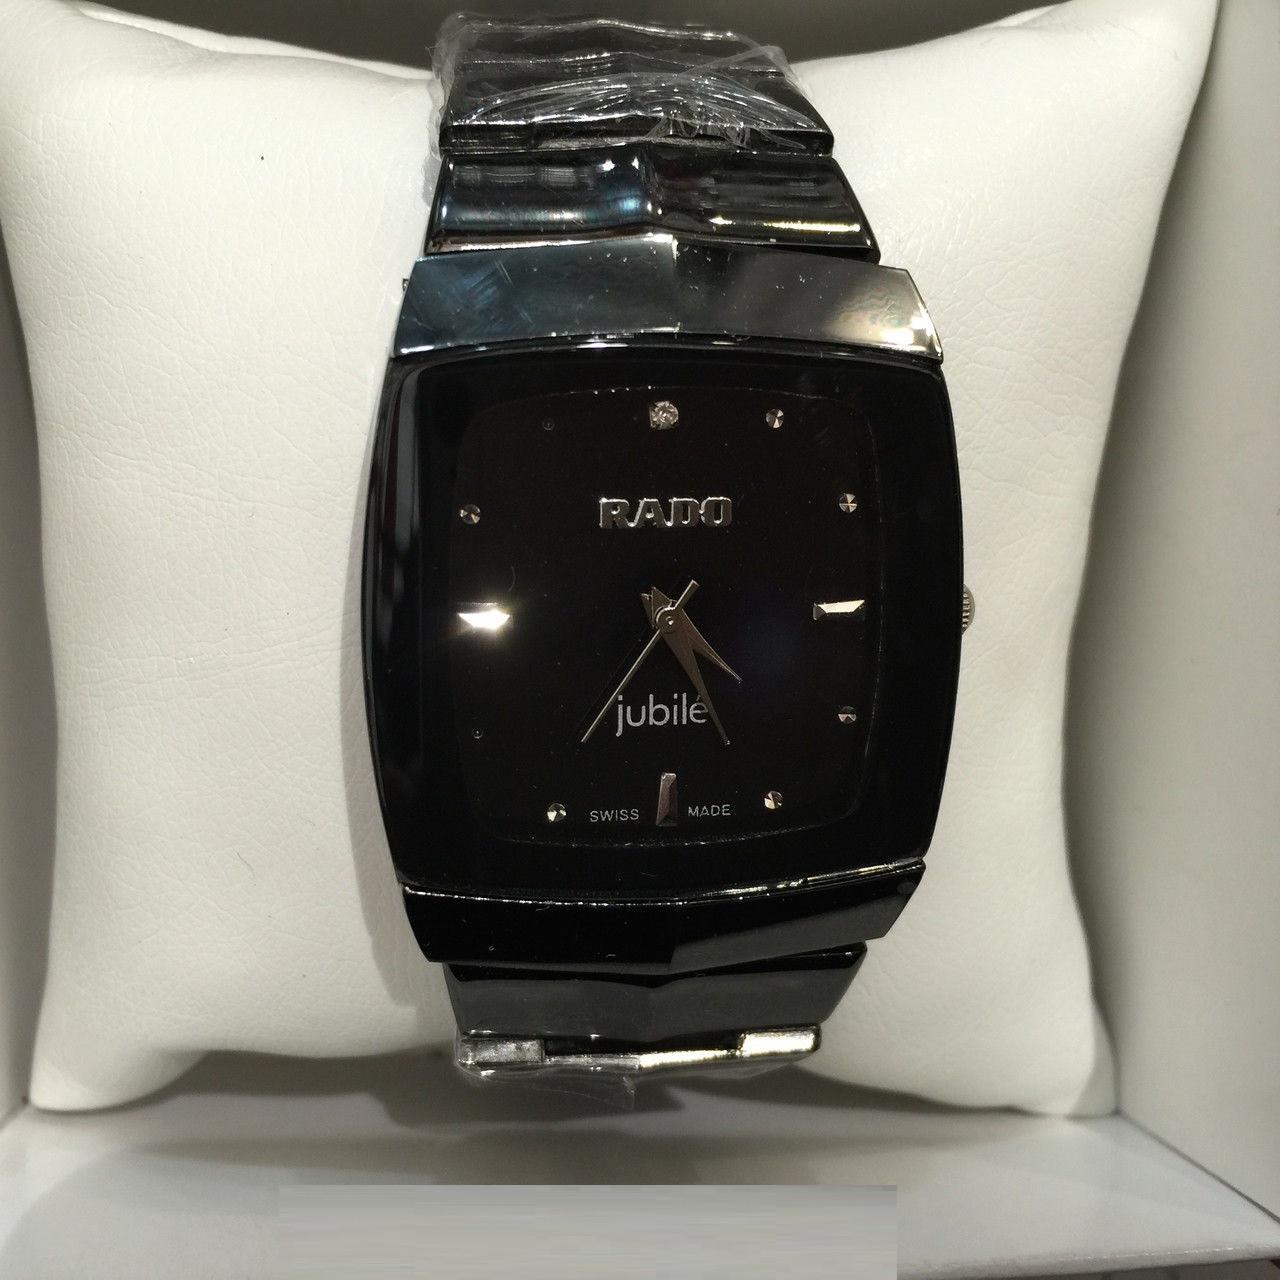 Купить китайские часы радо копия часов купить дешево